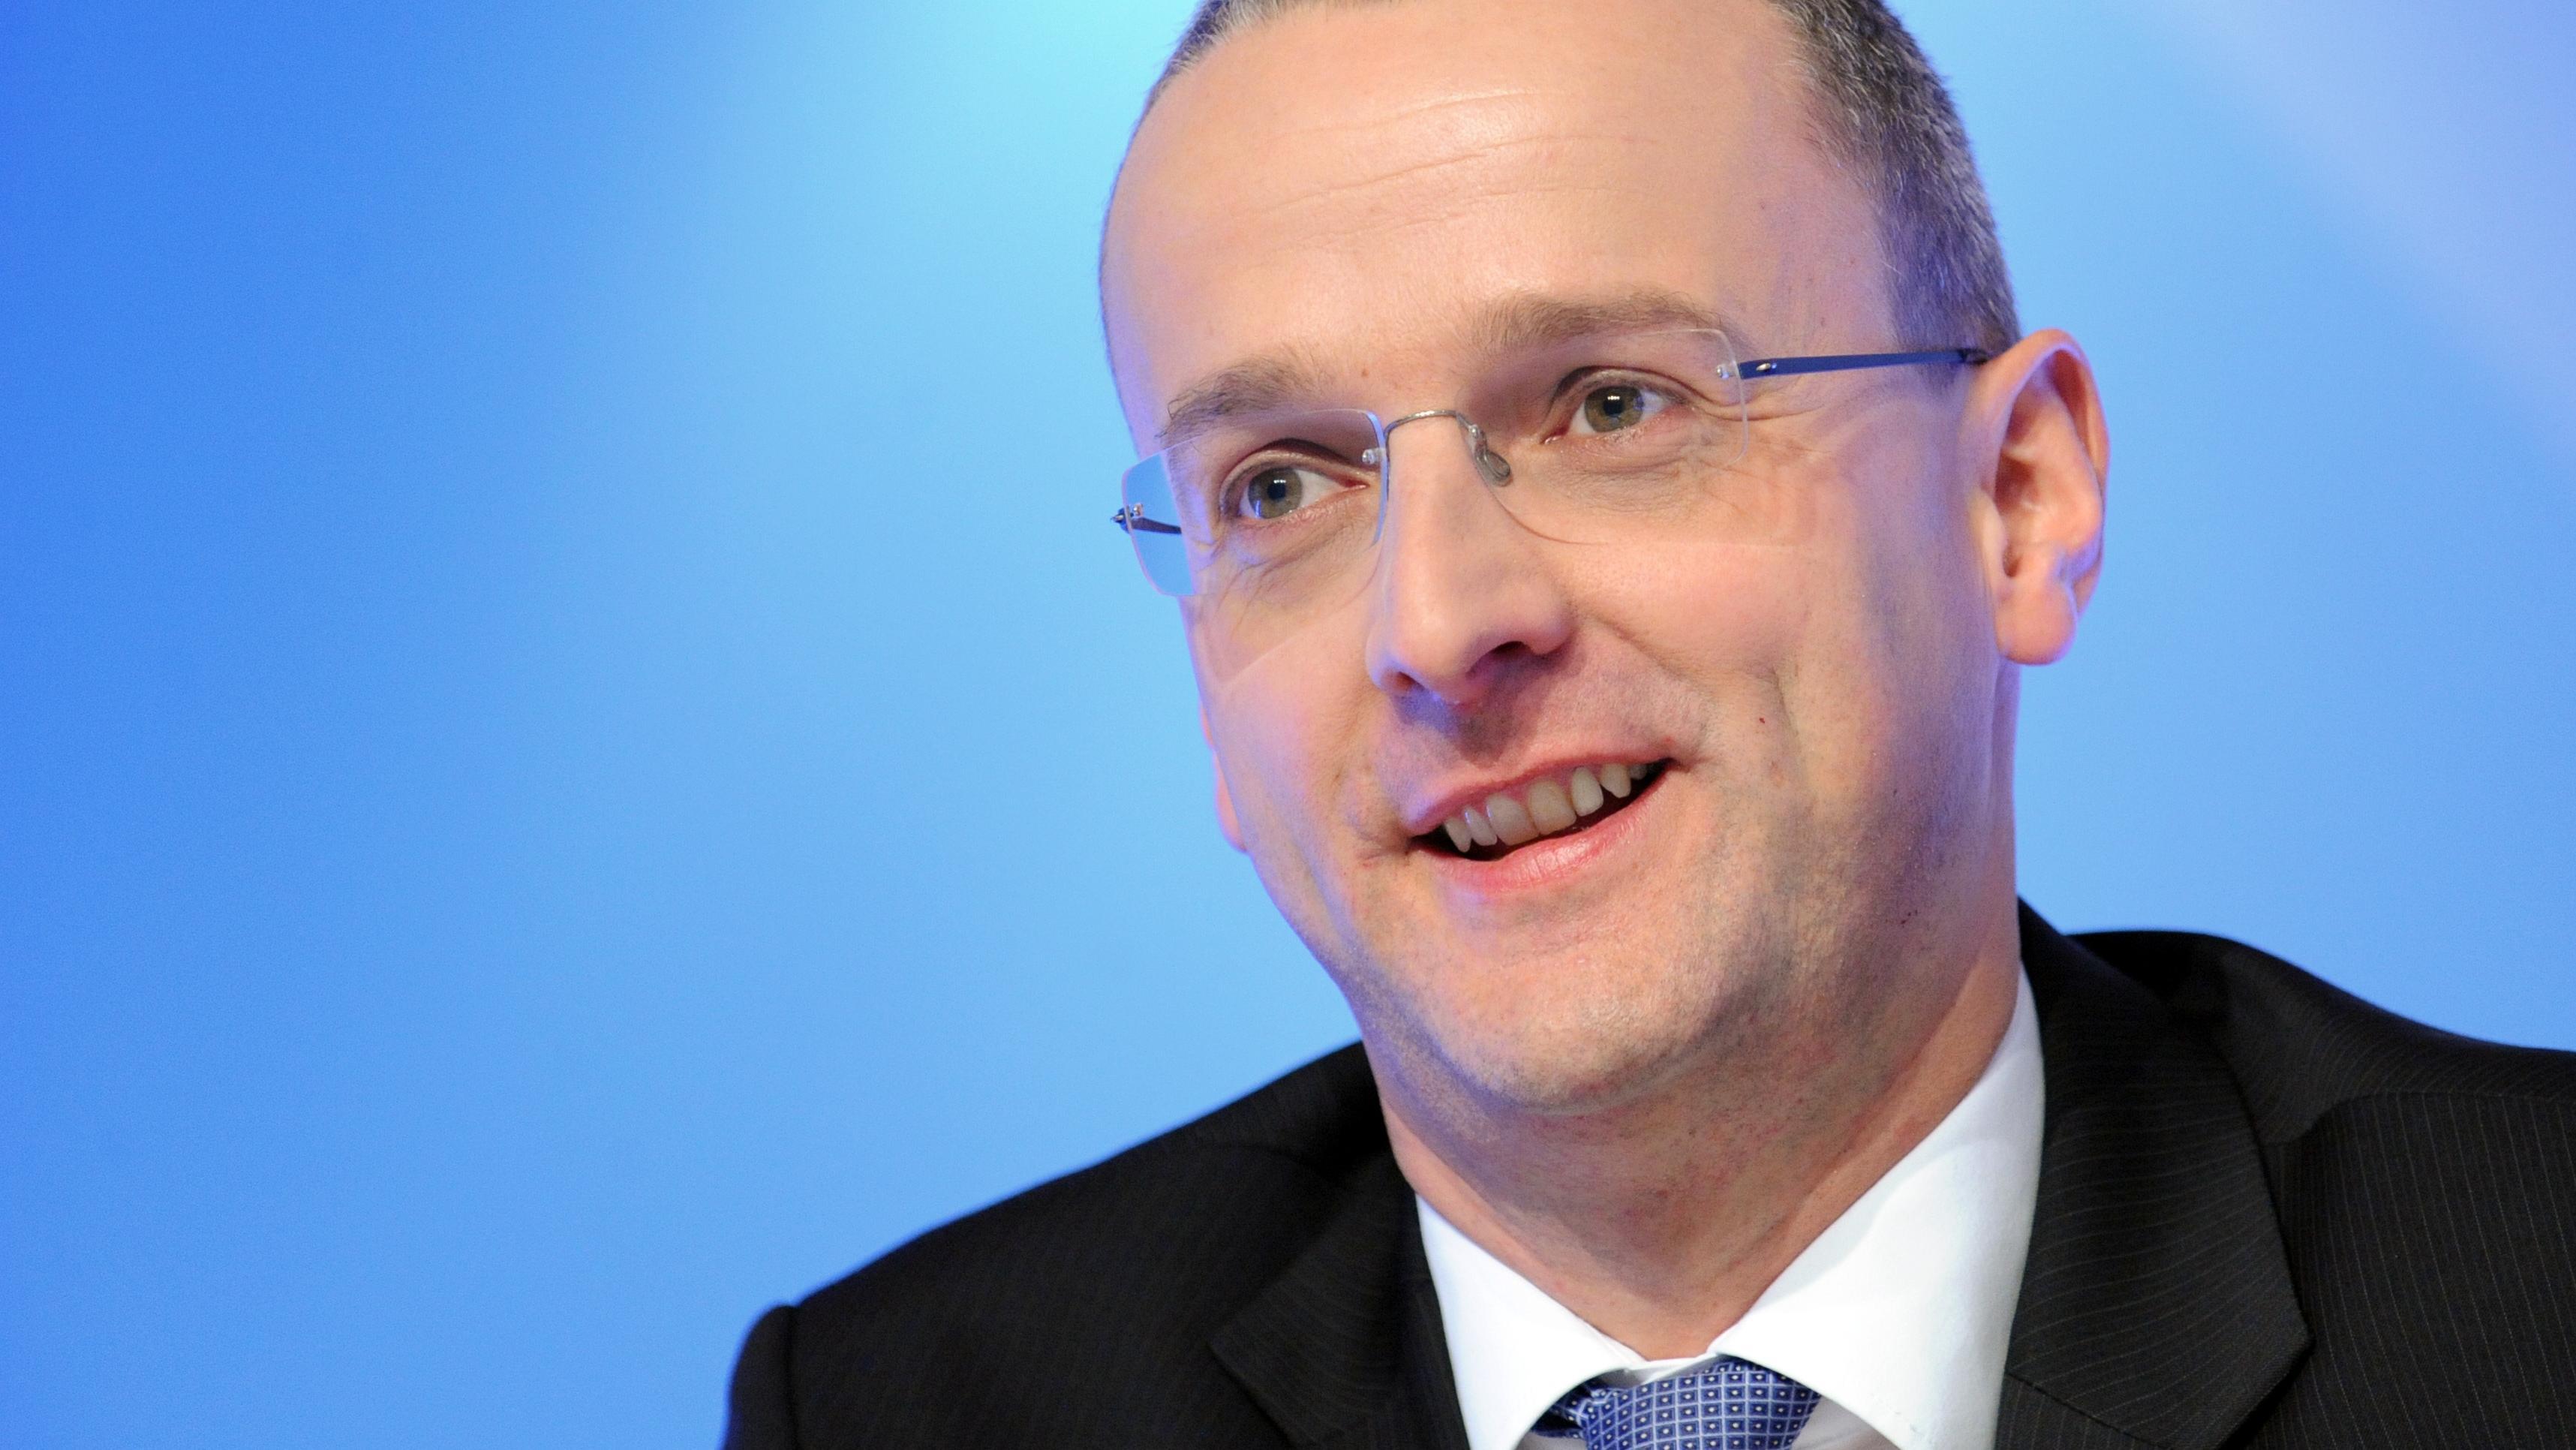 Der neue Chef der BayernLB Stephan Winkelmeier